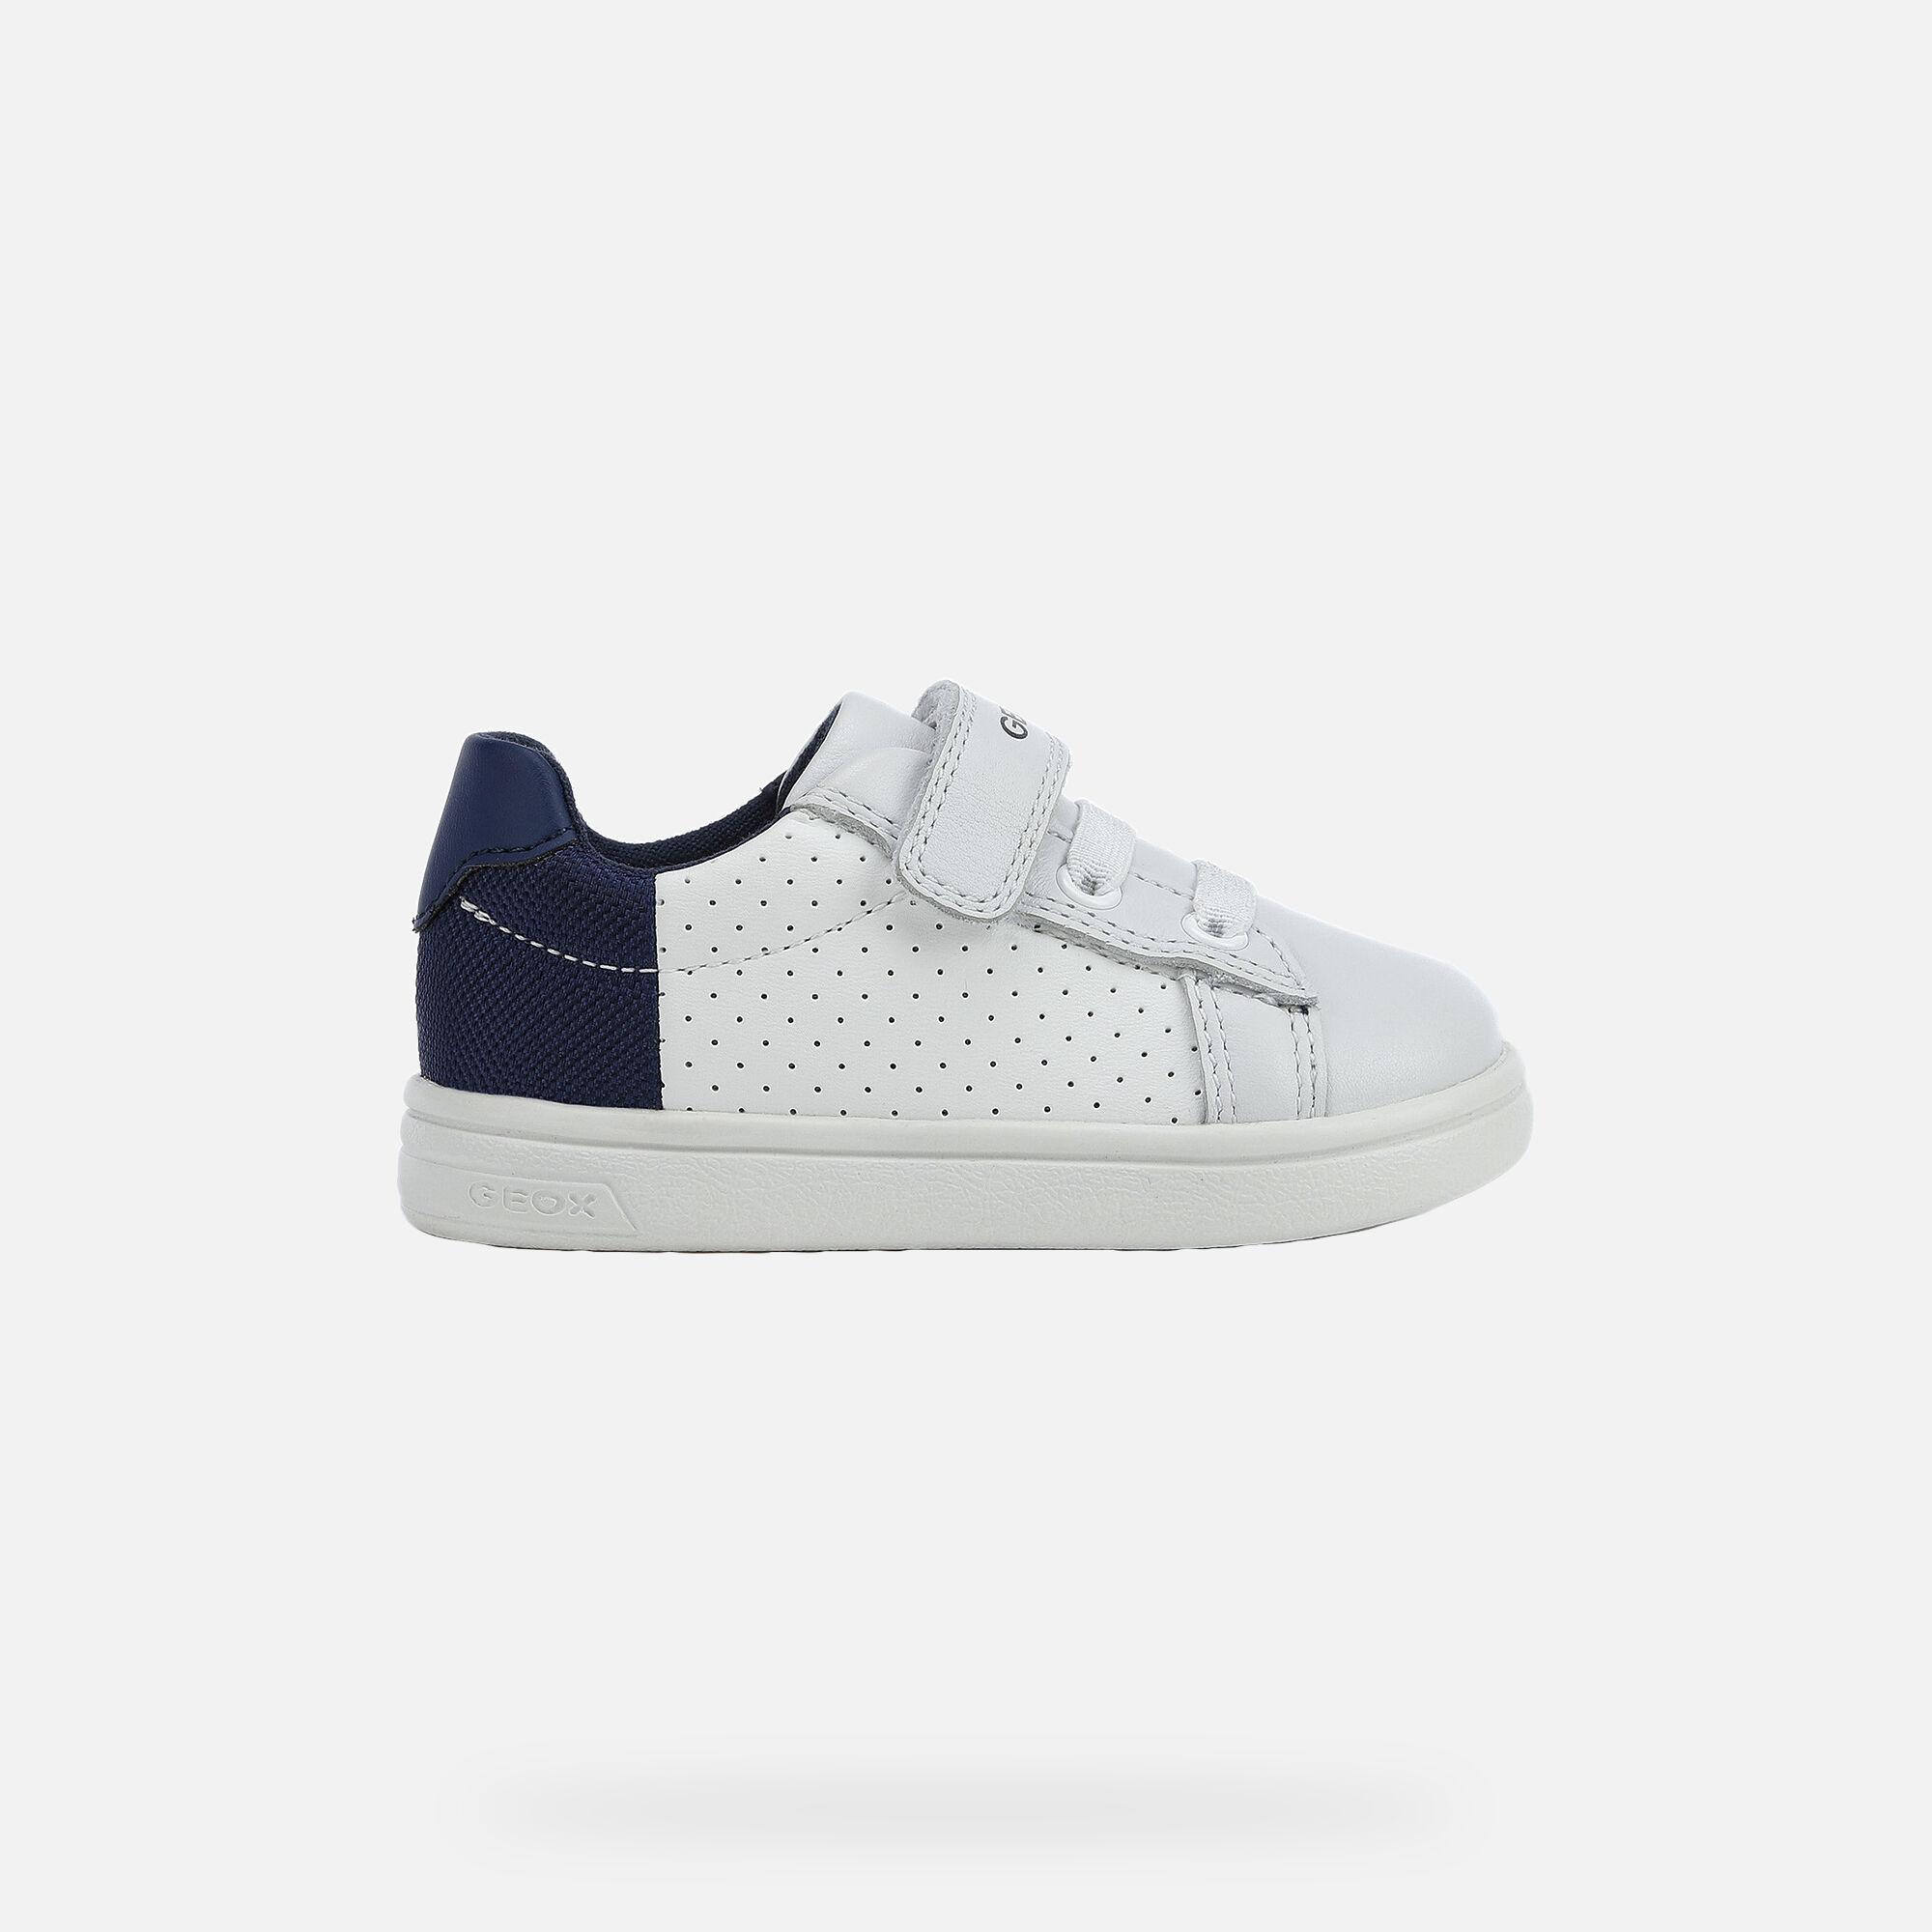 Geox DJROCK BABY Boy: White Sneakers